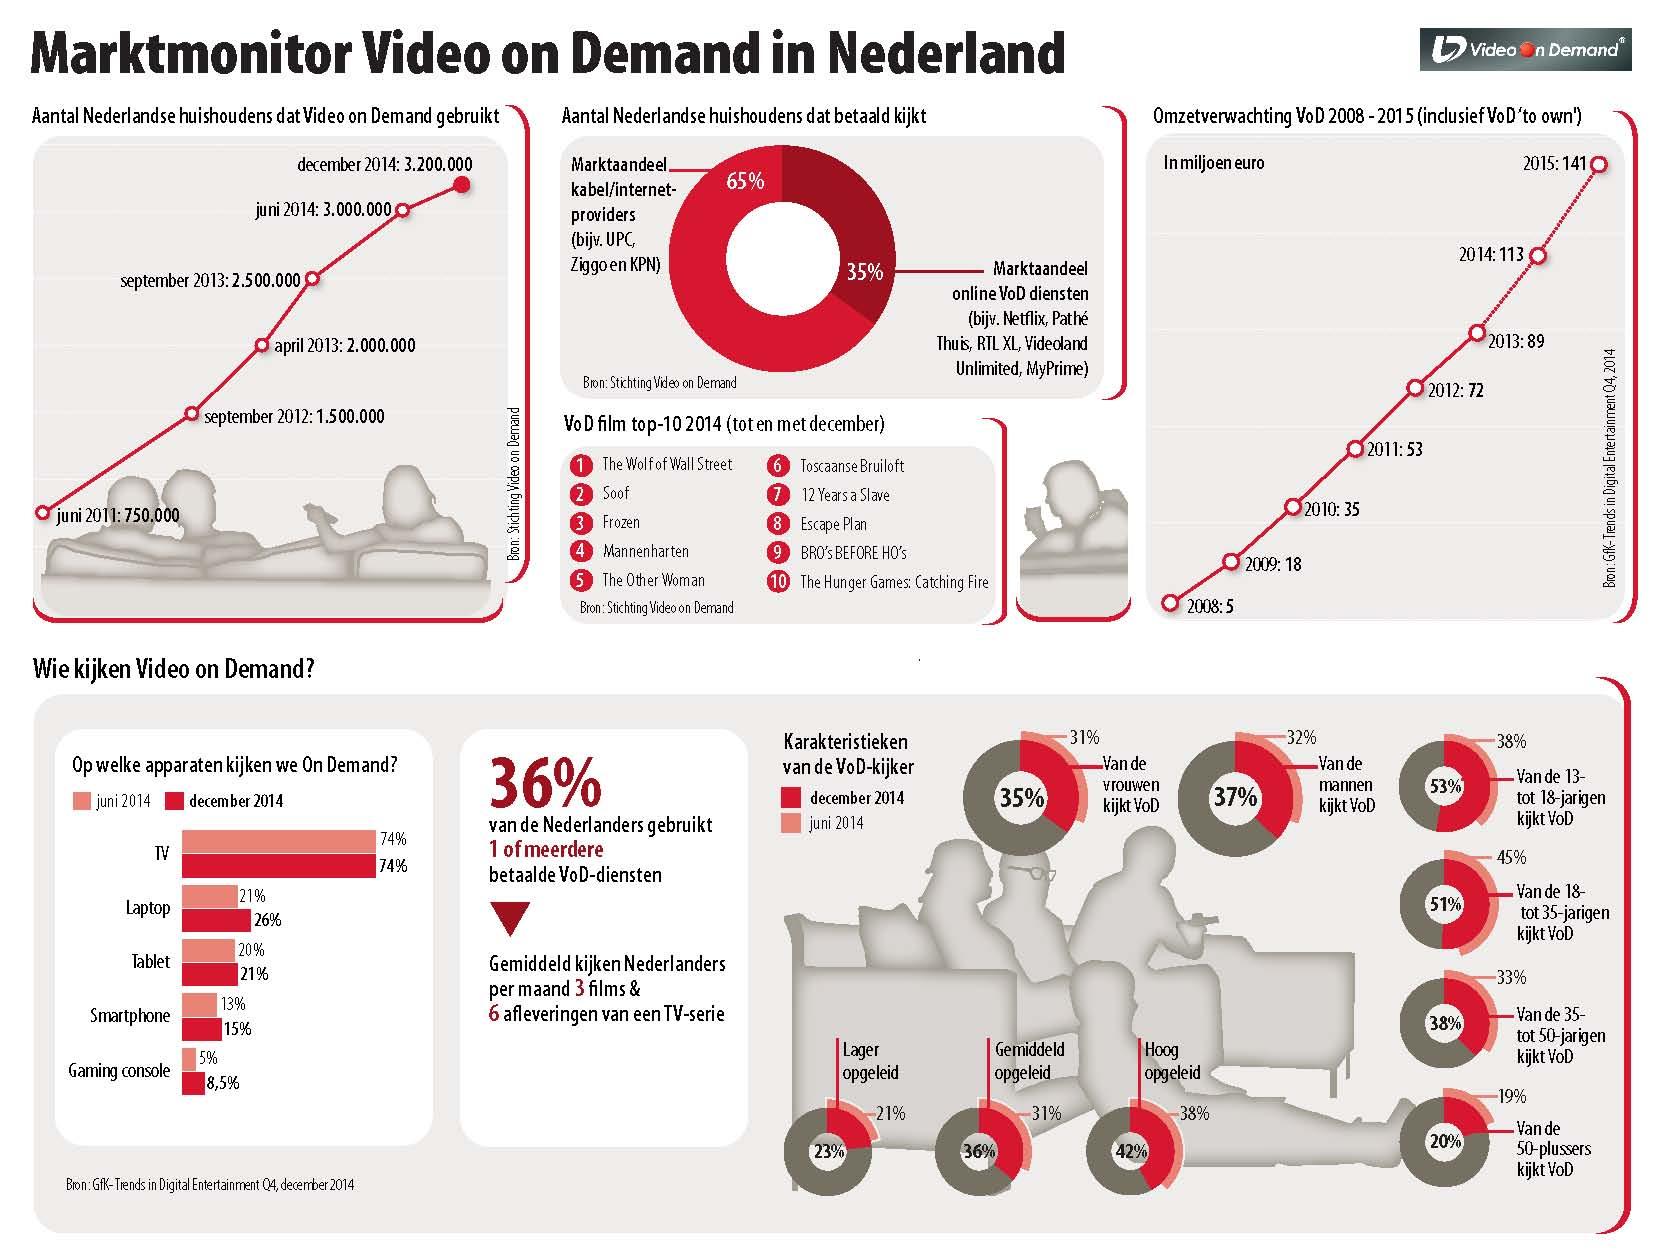 Video on Demand Marktmonitor - December 2014